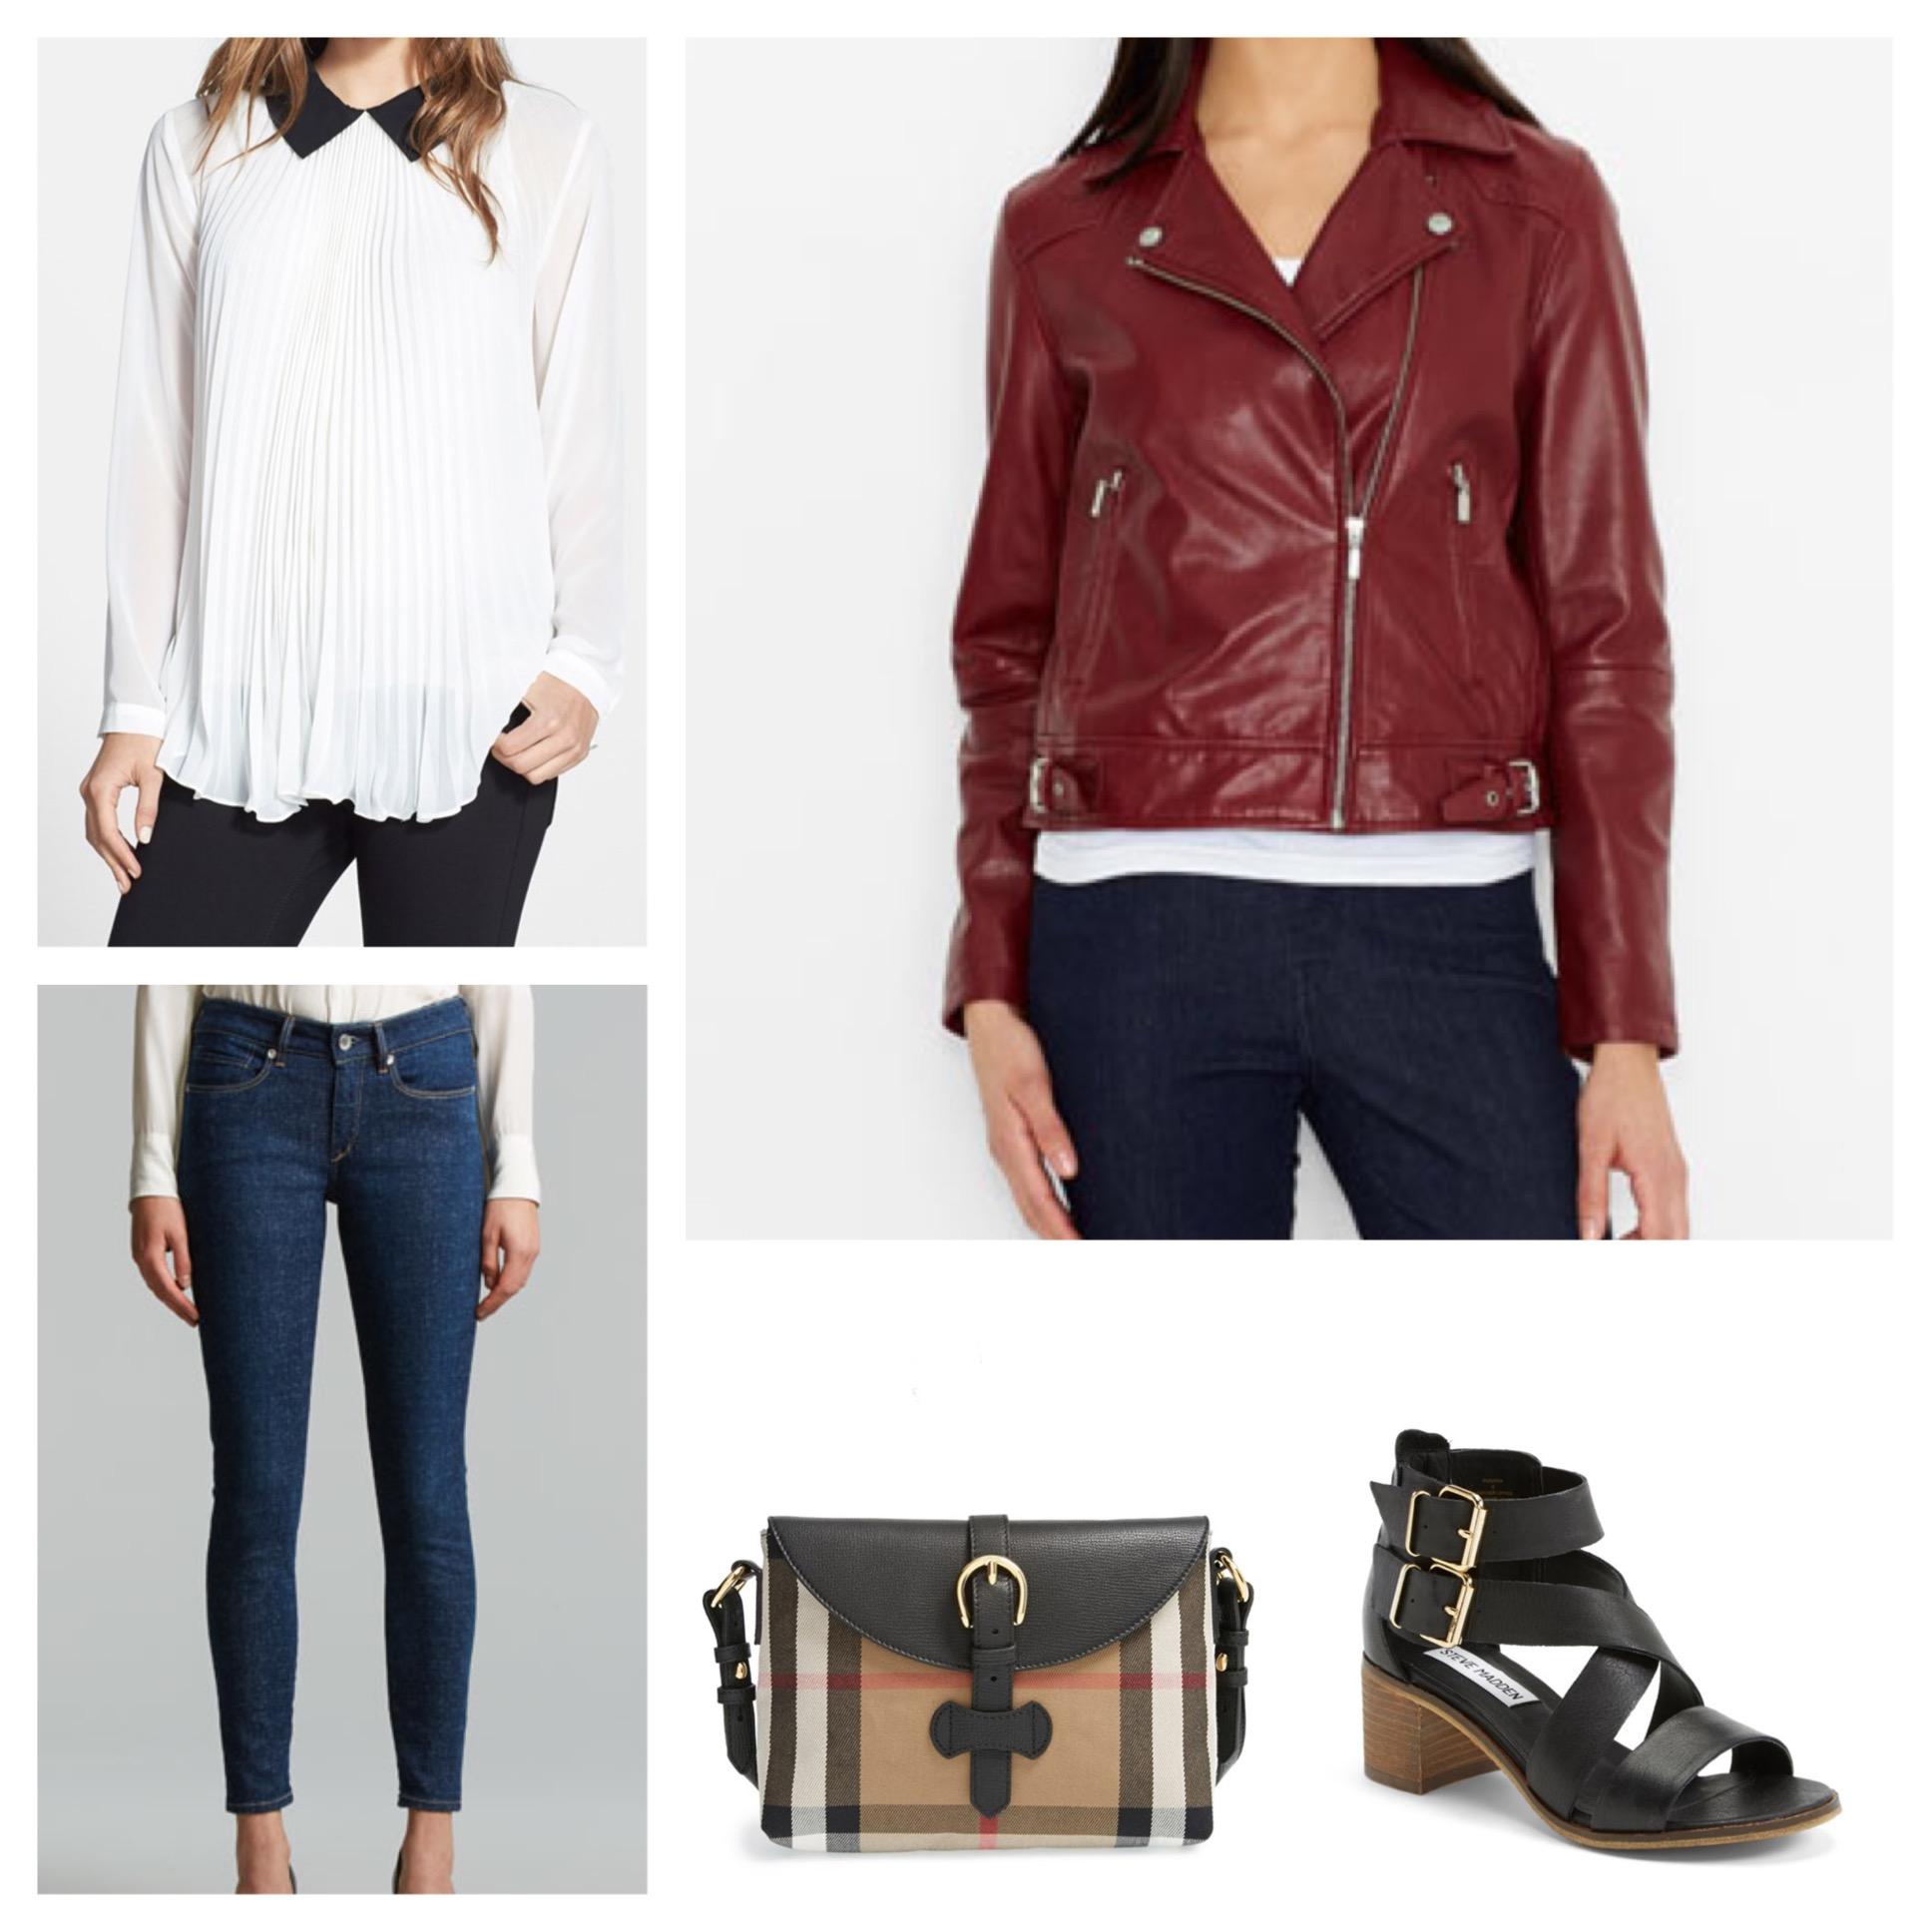 blue-navy-skinny-jeans-red-jacket-moto-white-top-blouse-tan-bag-black-shoe-sandalh-spring-summer-weekend.jpg